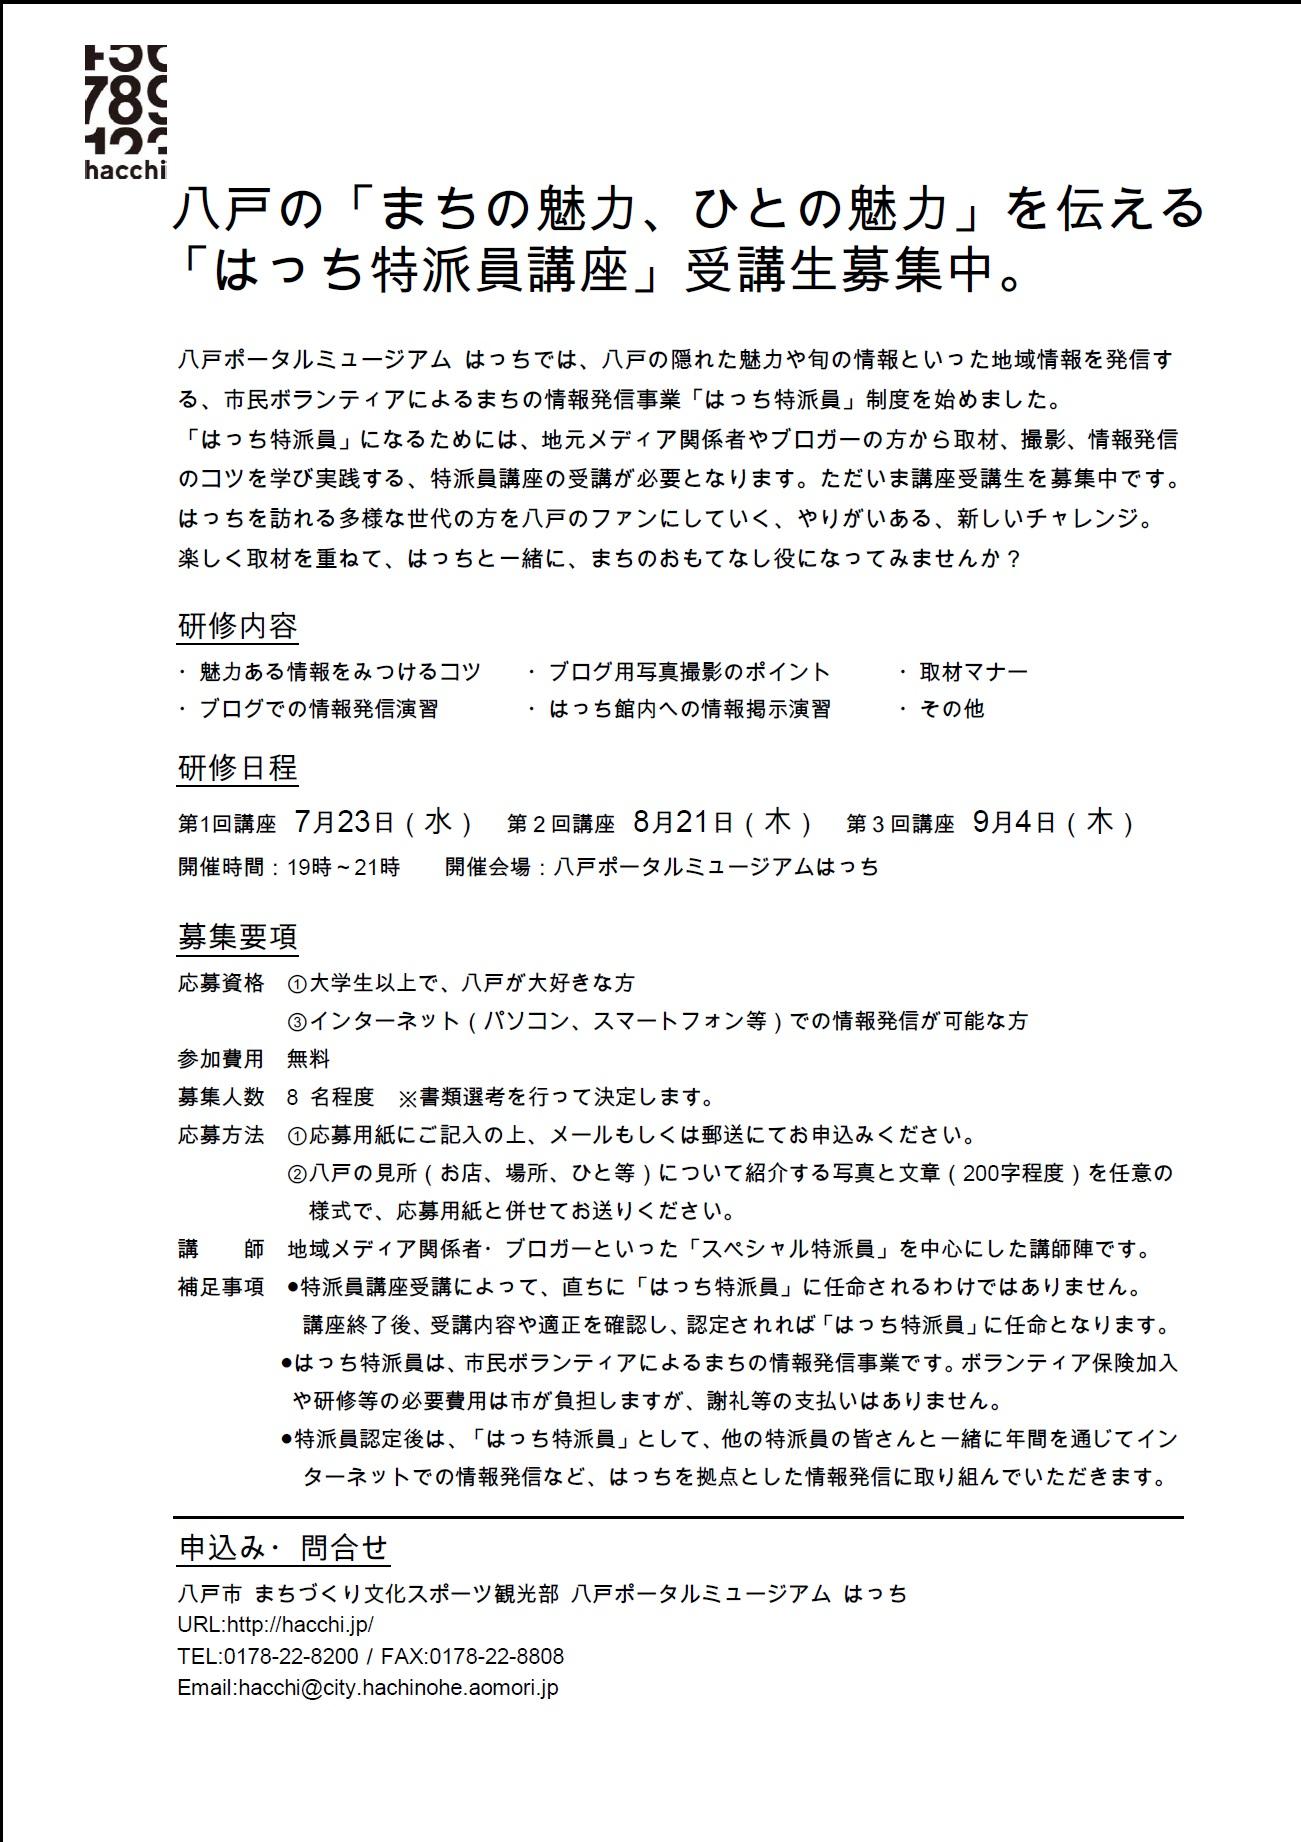 http://hacchi.jp/blog/upload/images/20140717_1.jpg